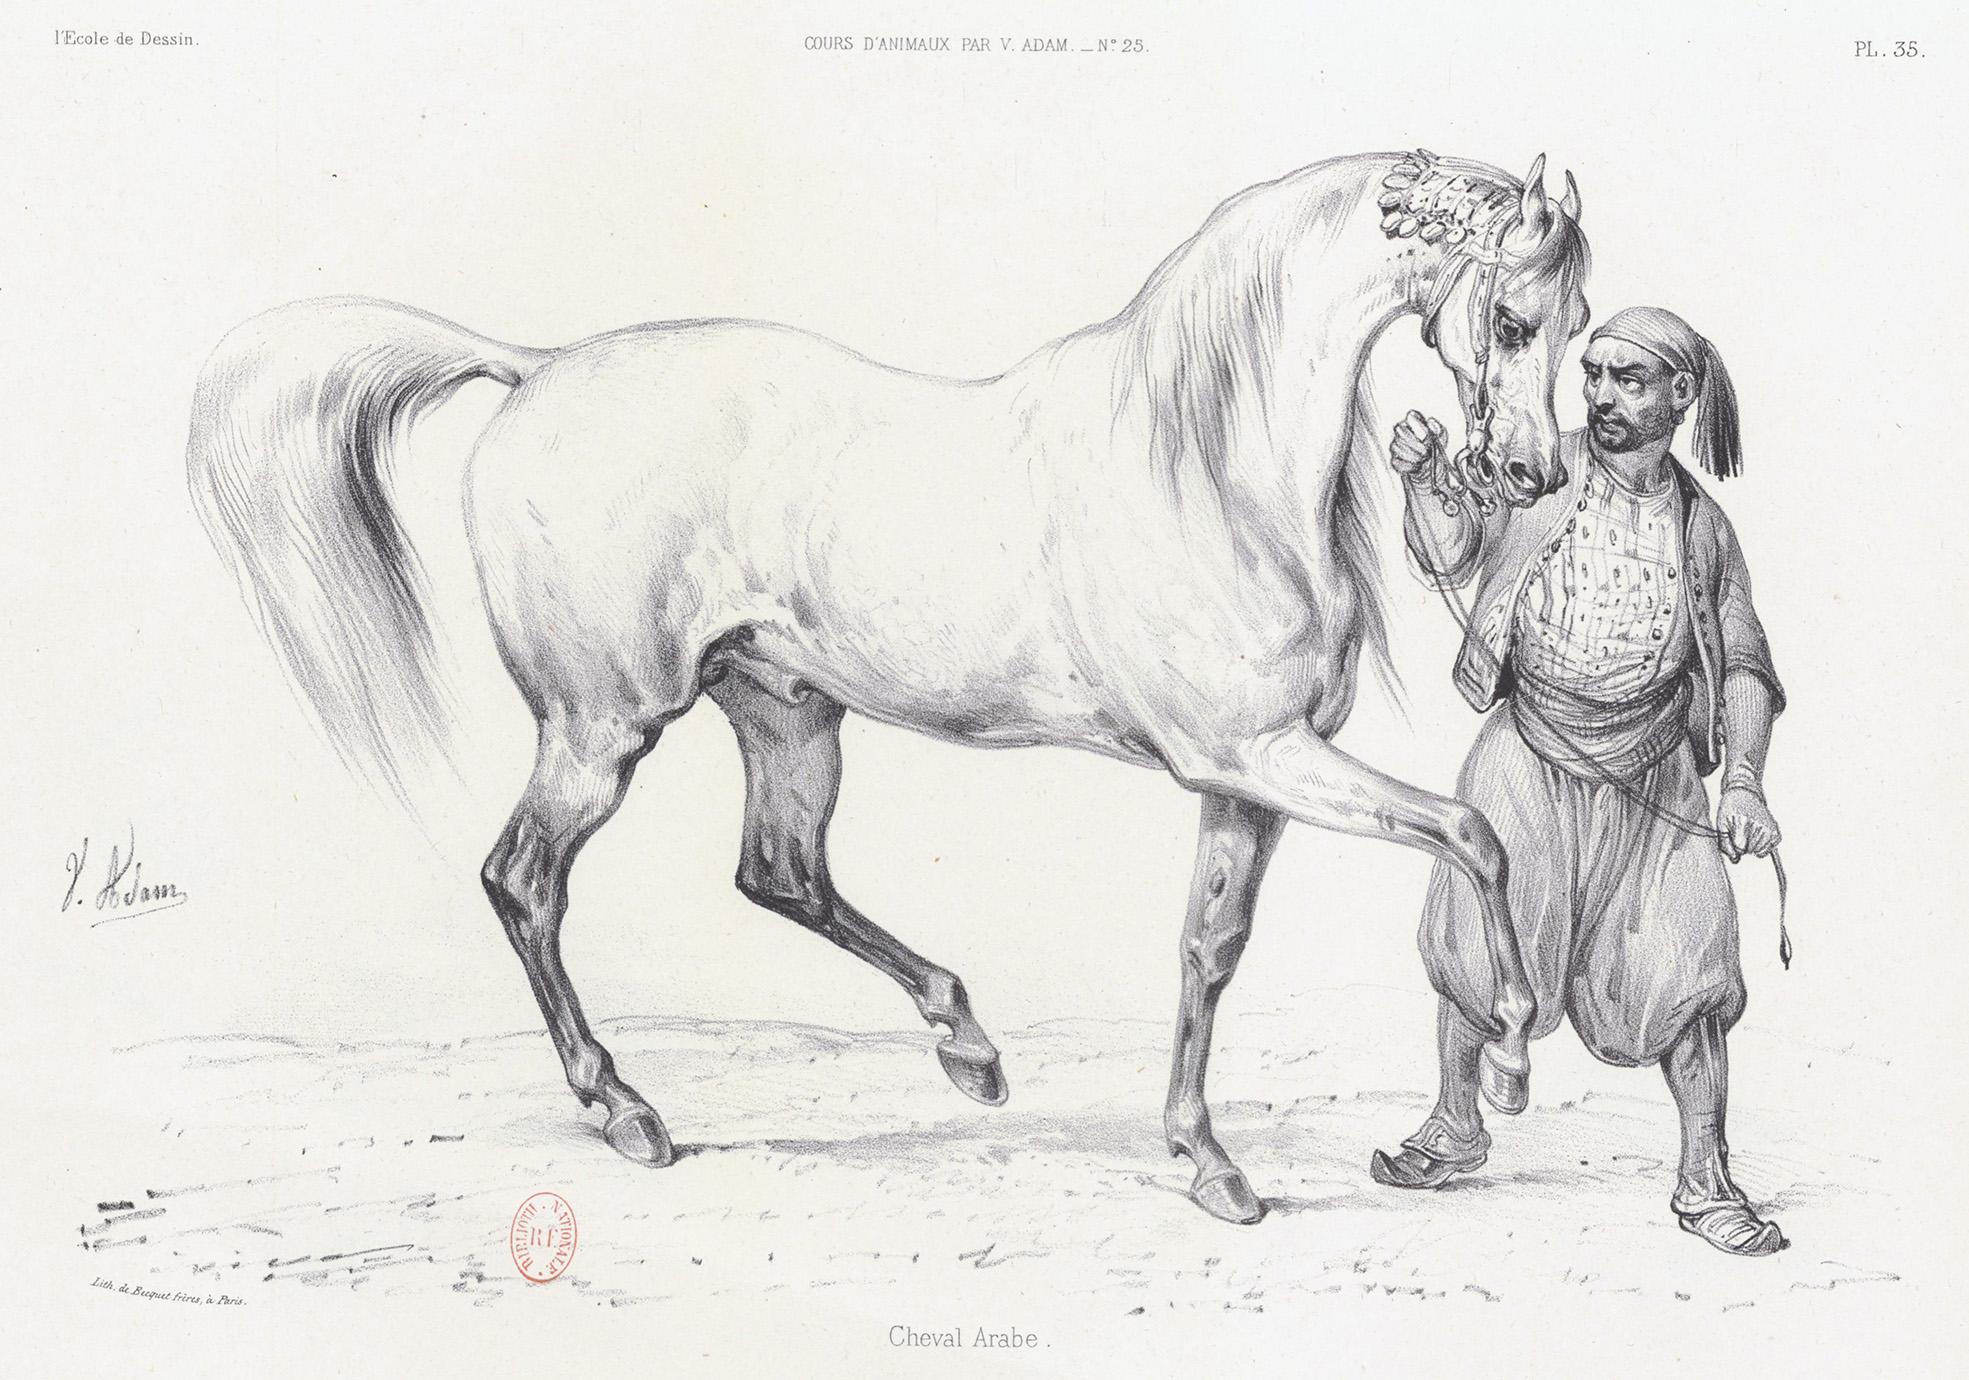 Album de l'École de dessin de 1825, journal des jeunes artistes et des amateurs - étude d'animaux